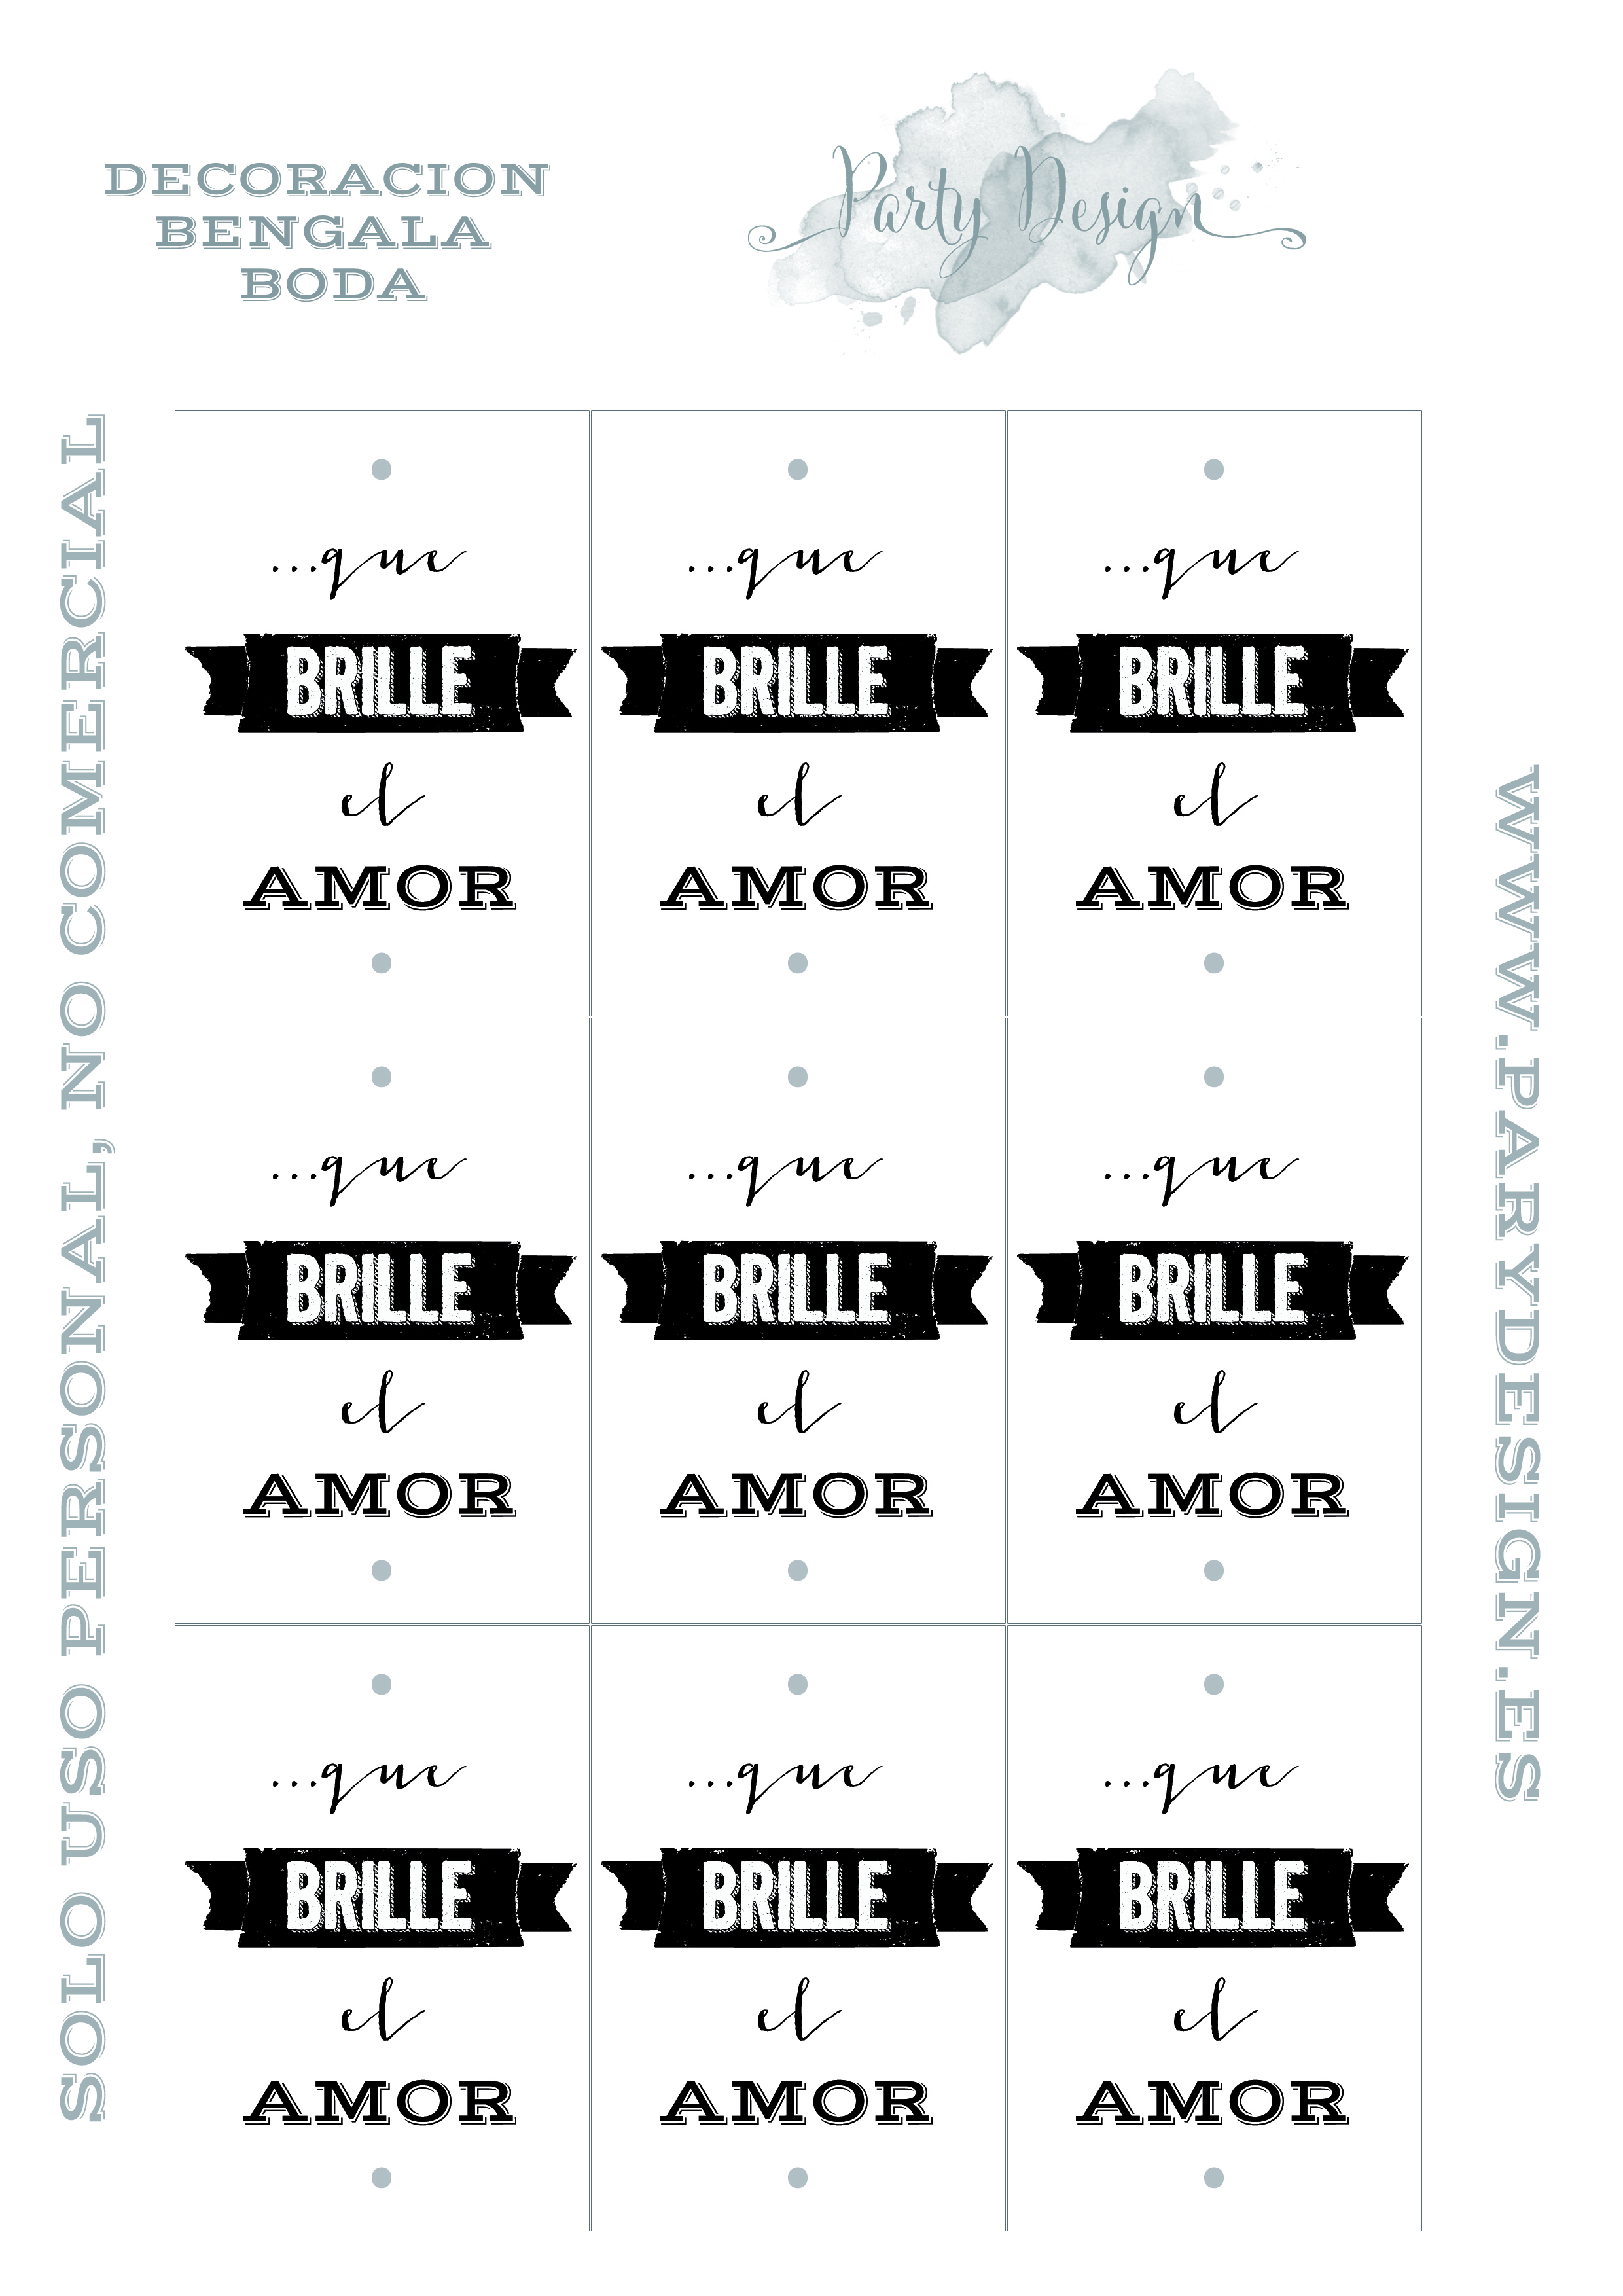 Plantillas descargables para tu boda – Burgos Nupcial